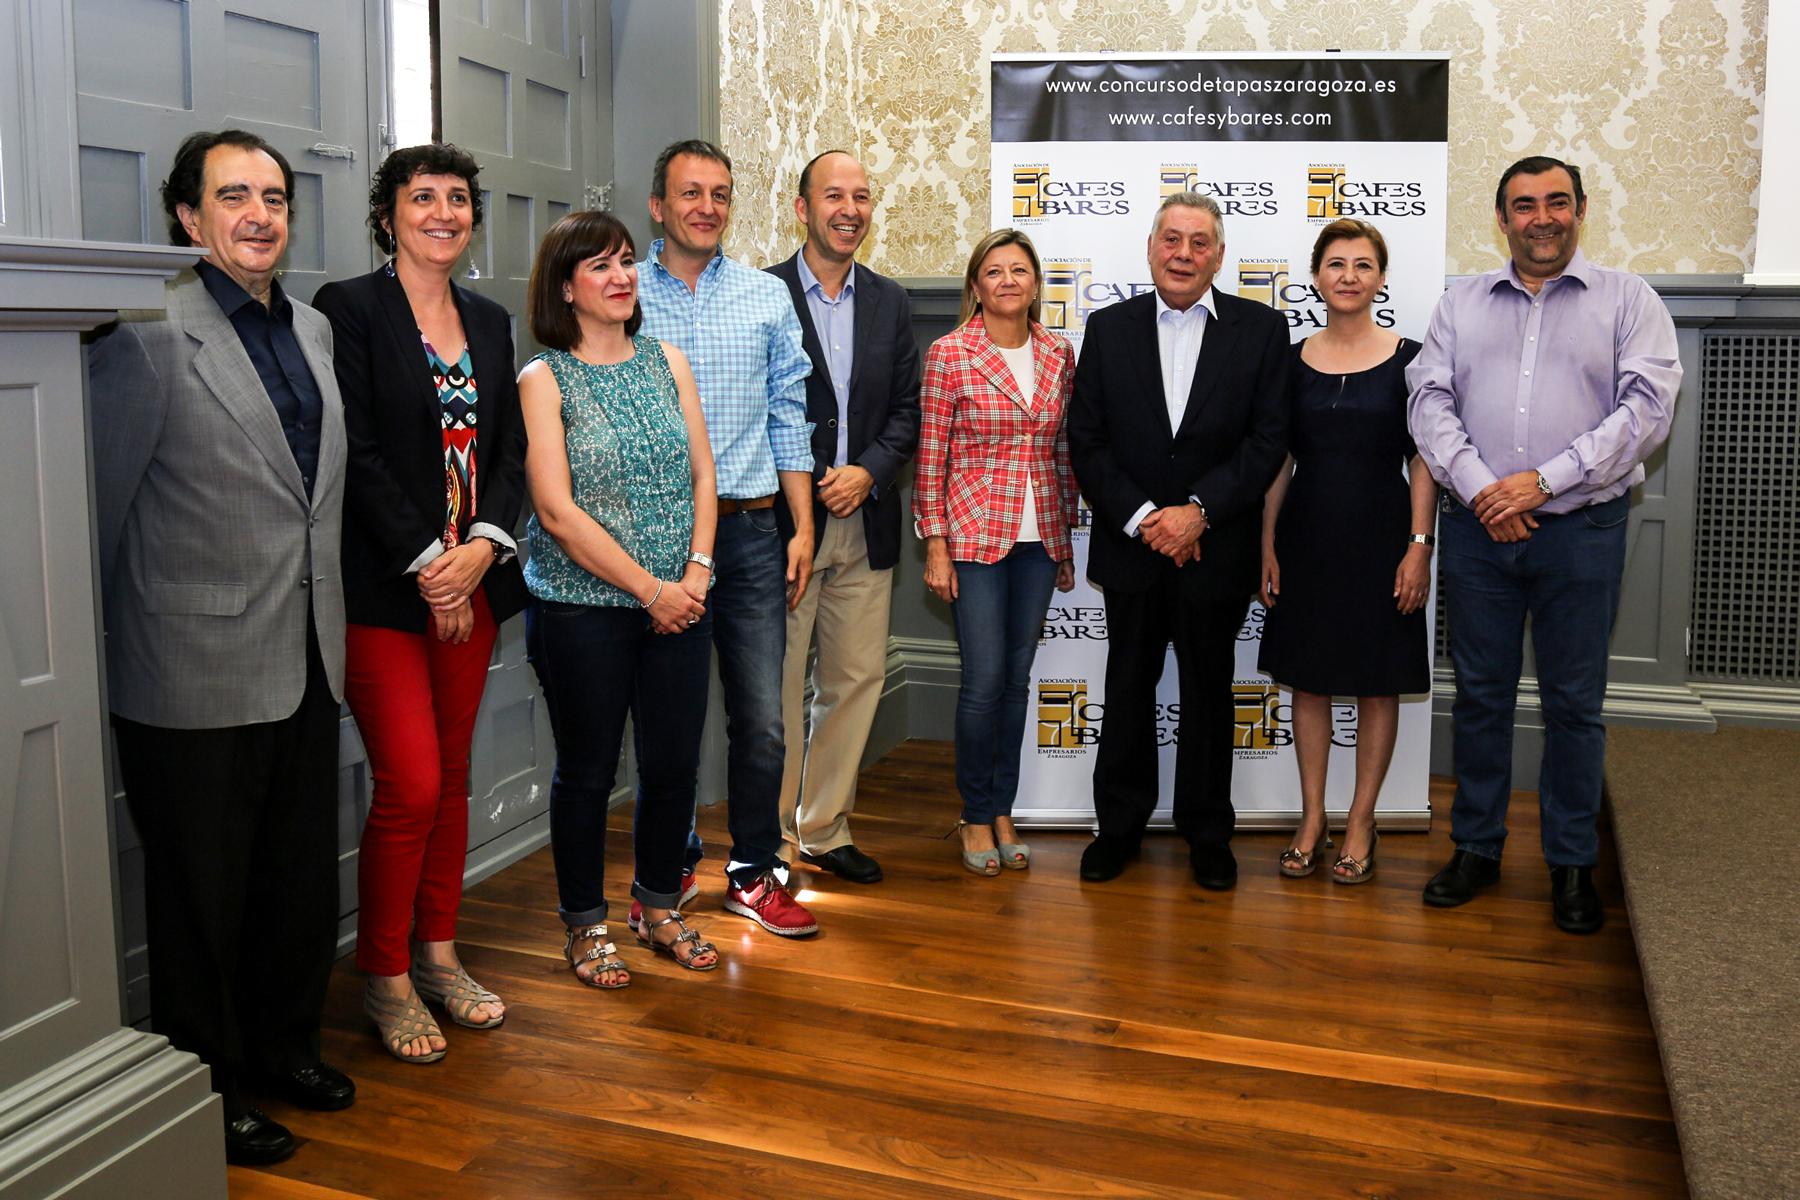 Presentación del Concurso de Tapas de Zaragoza